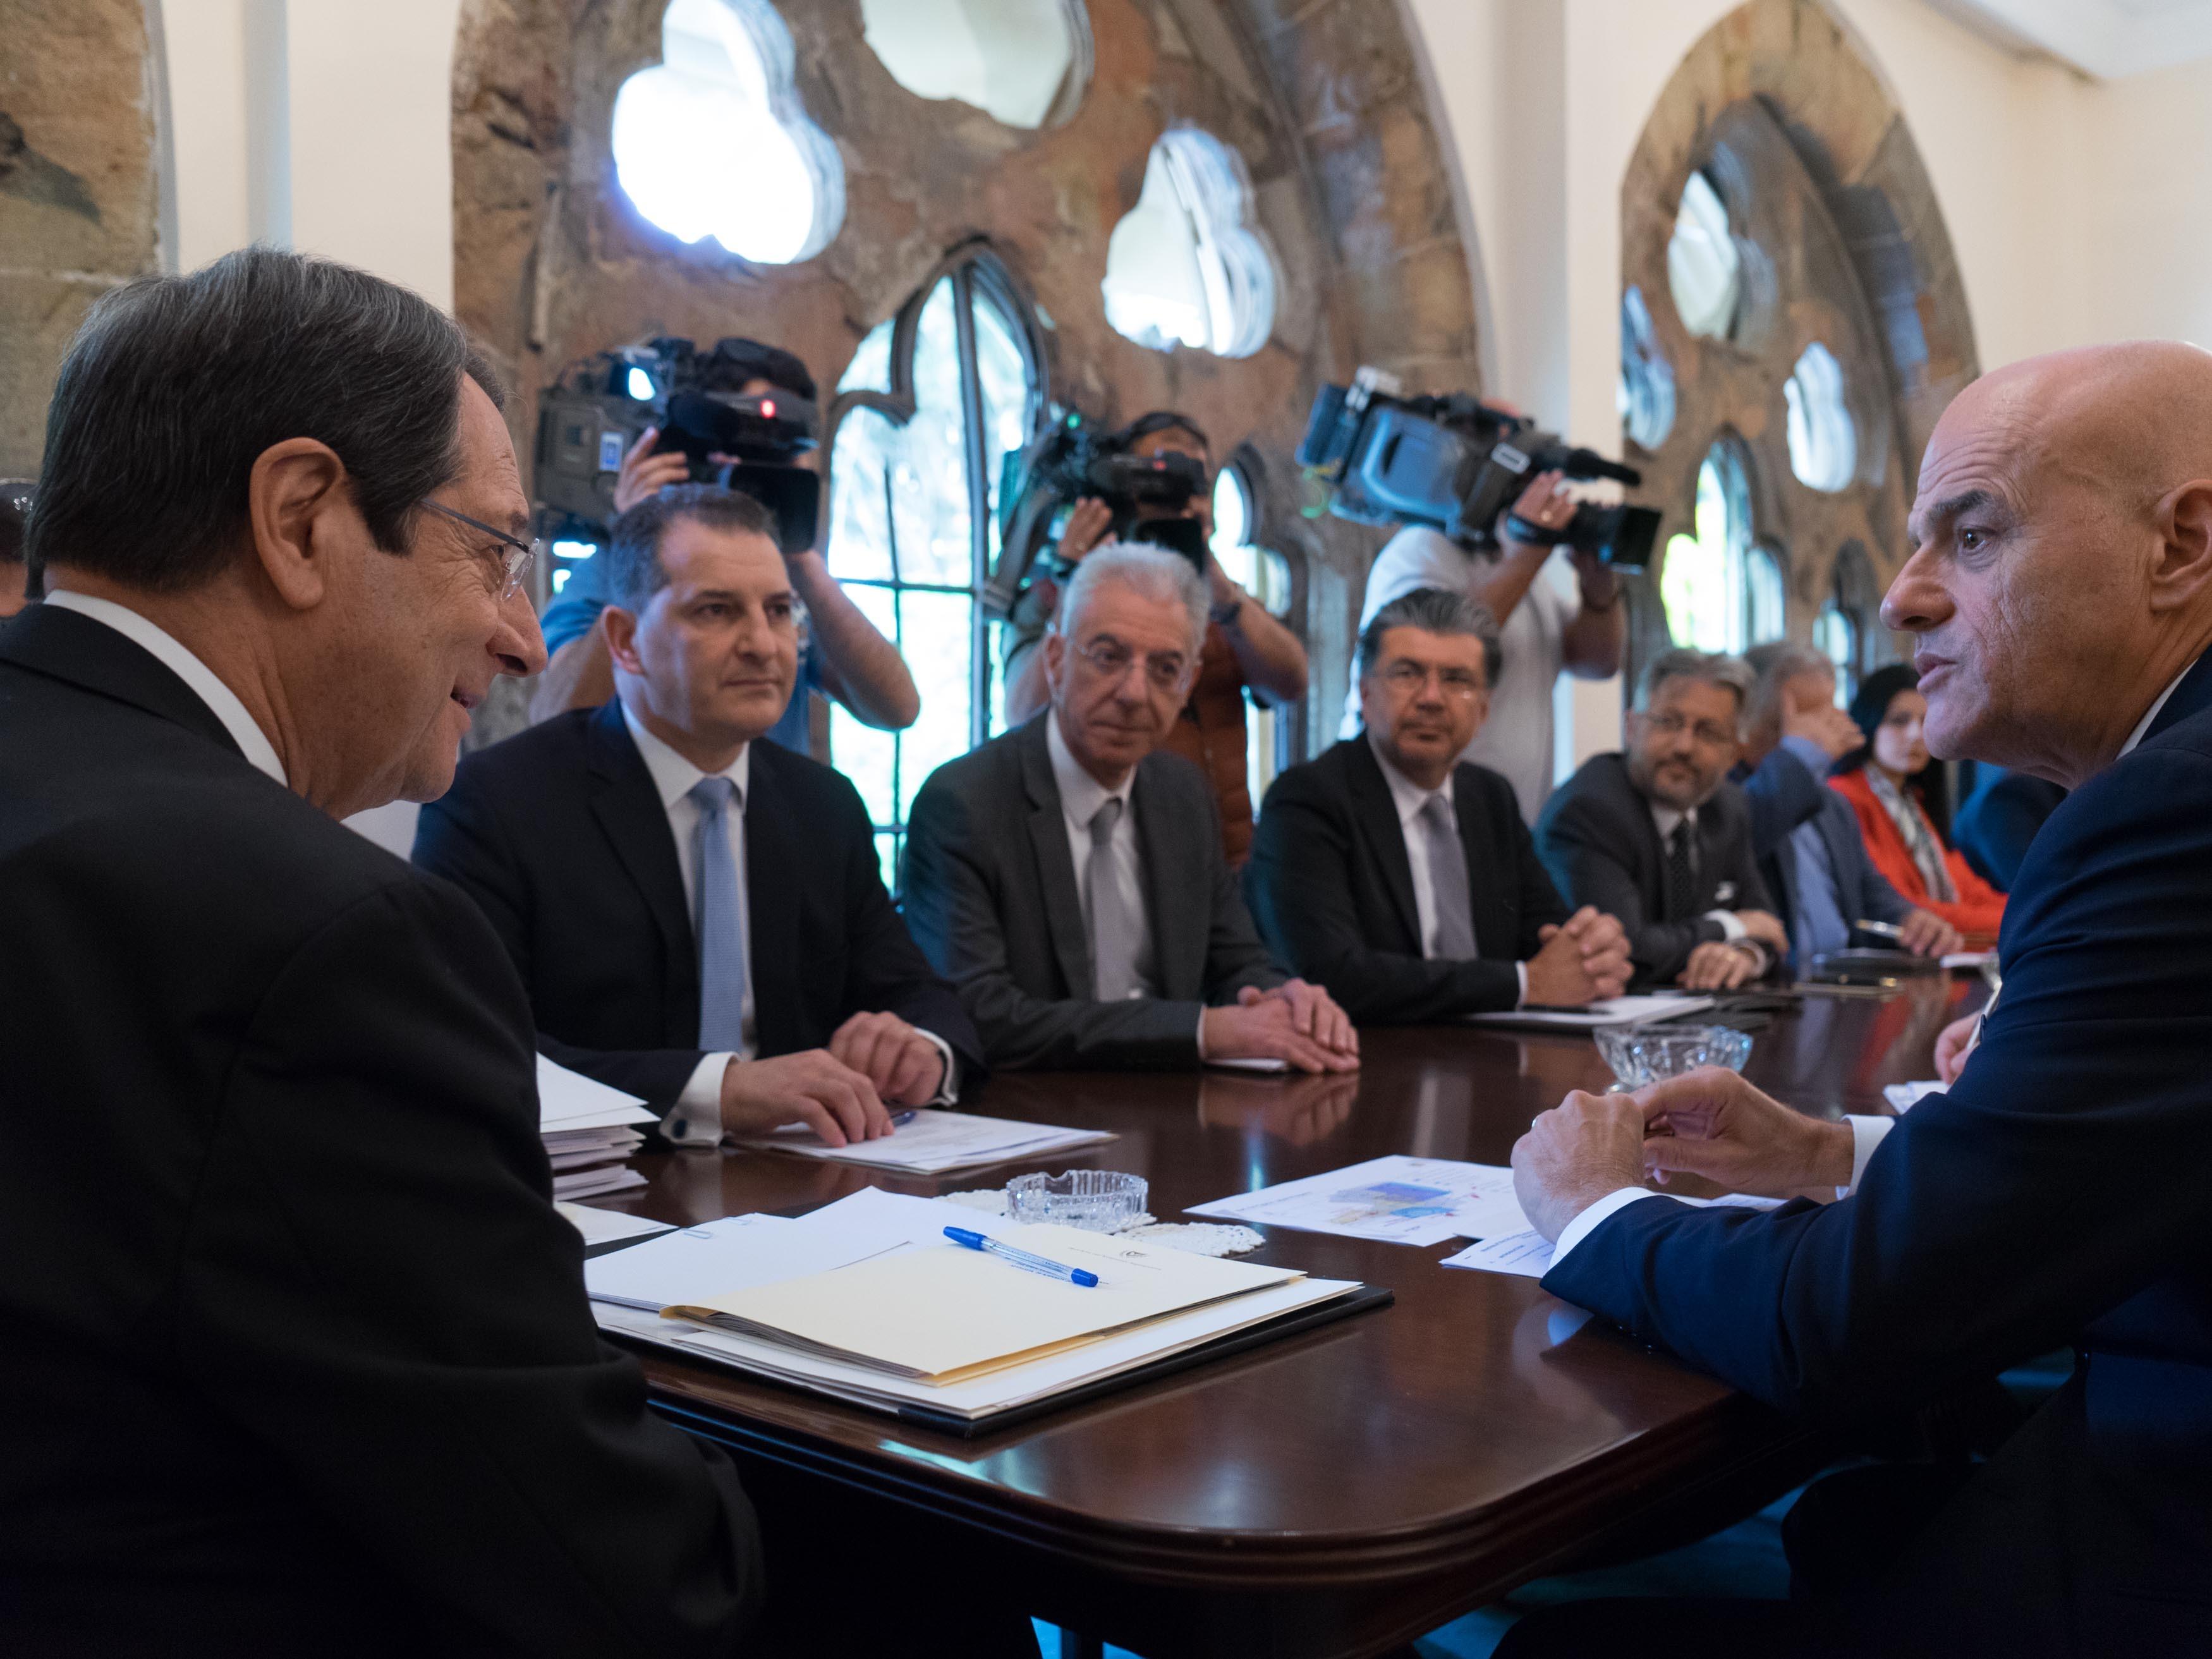 Ο Πρόεδρος της Δημοκρατίας συναντήθηκε με τον Εκτελεστικό Διευθυντή της ΕΝΙ